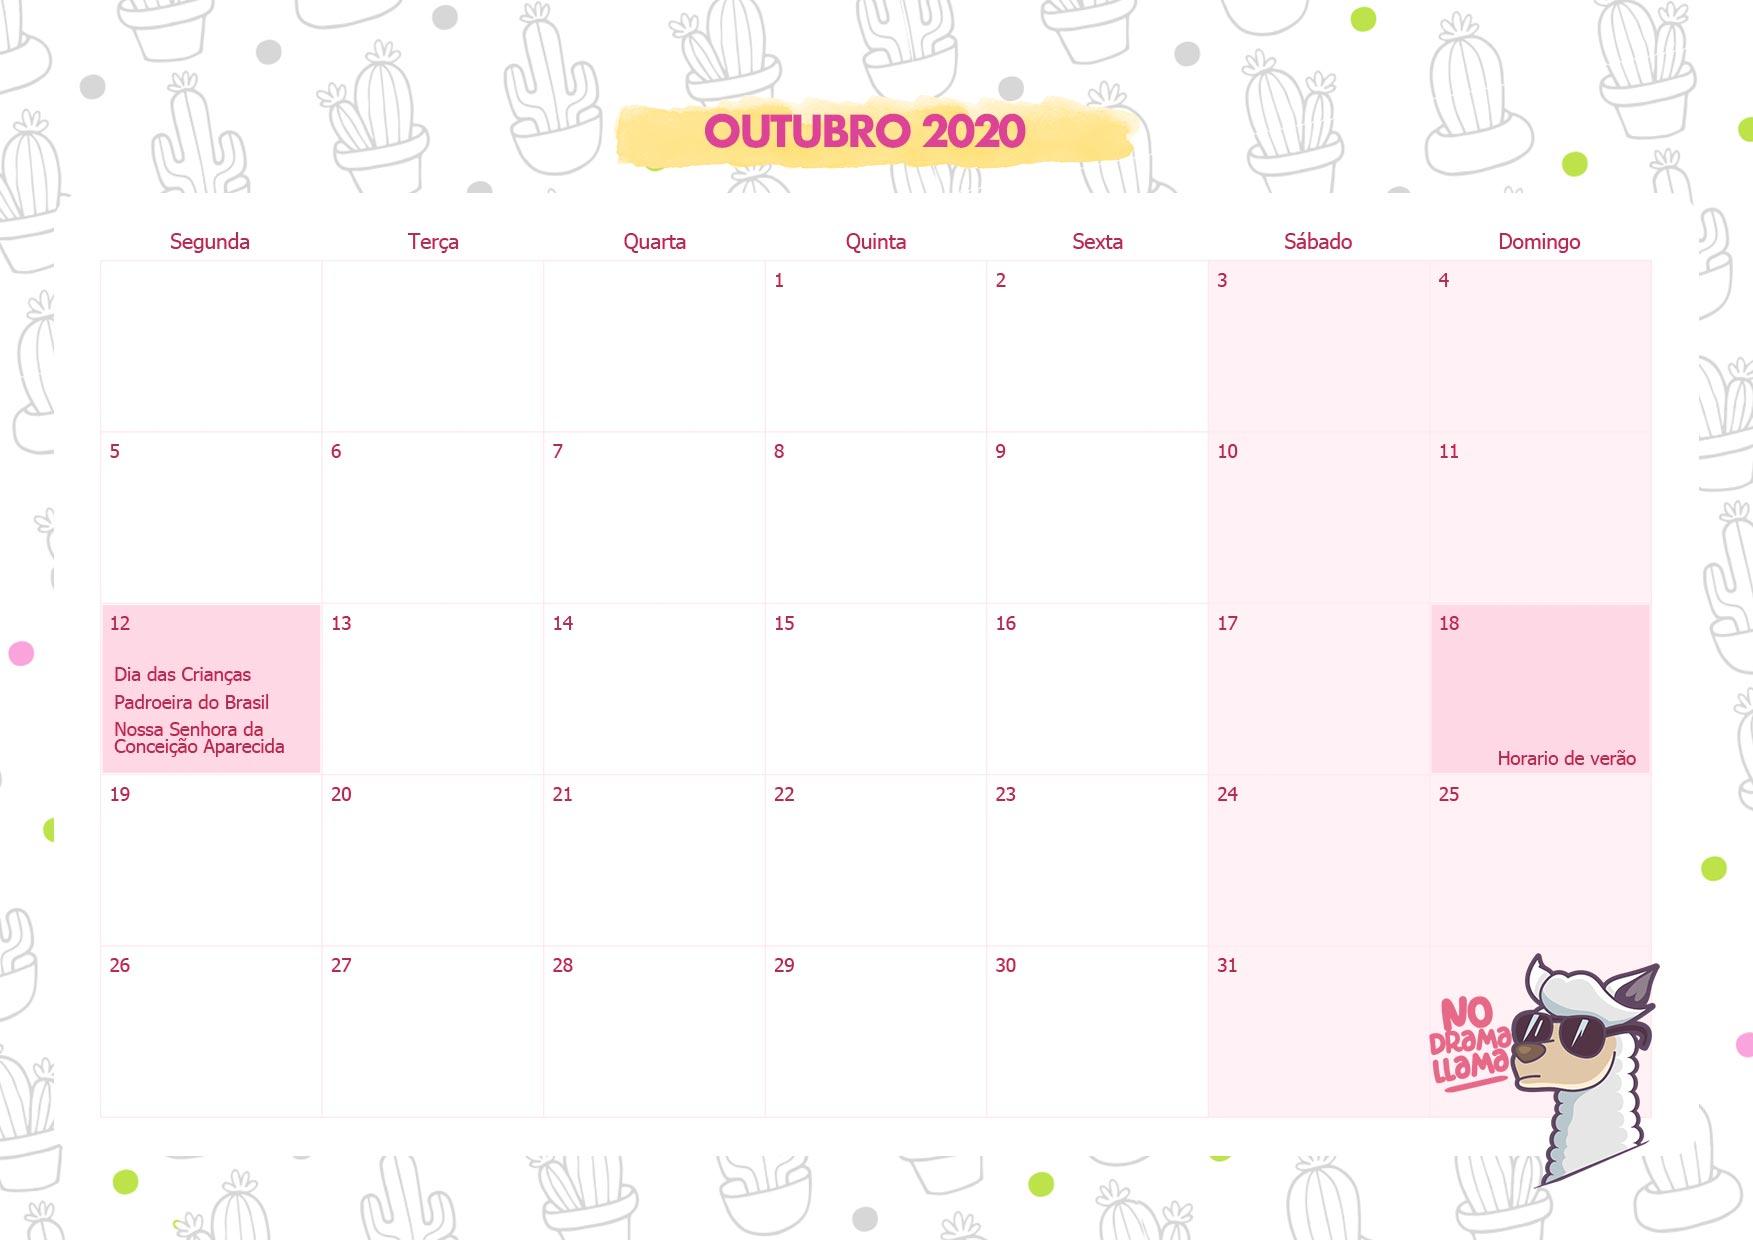 Calendario Mensal No Drama Lhama Outubro 2020